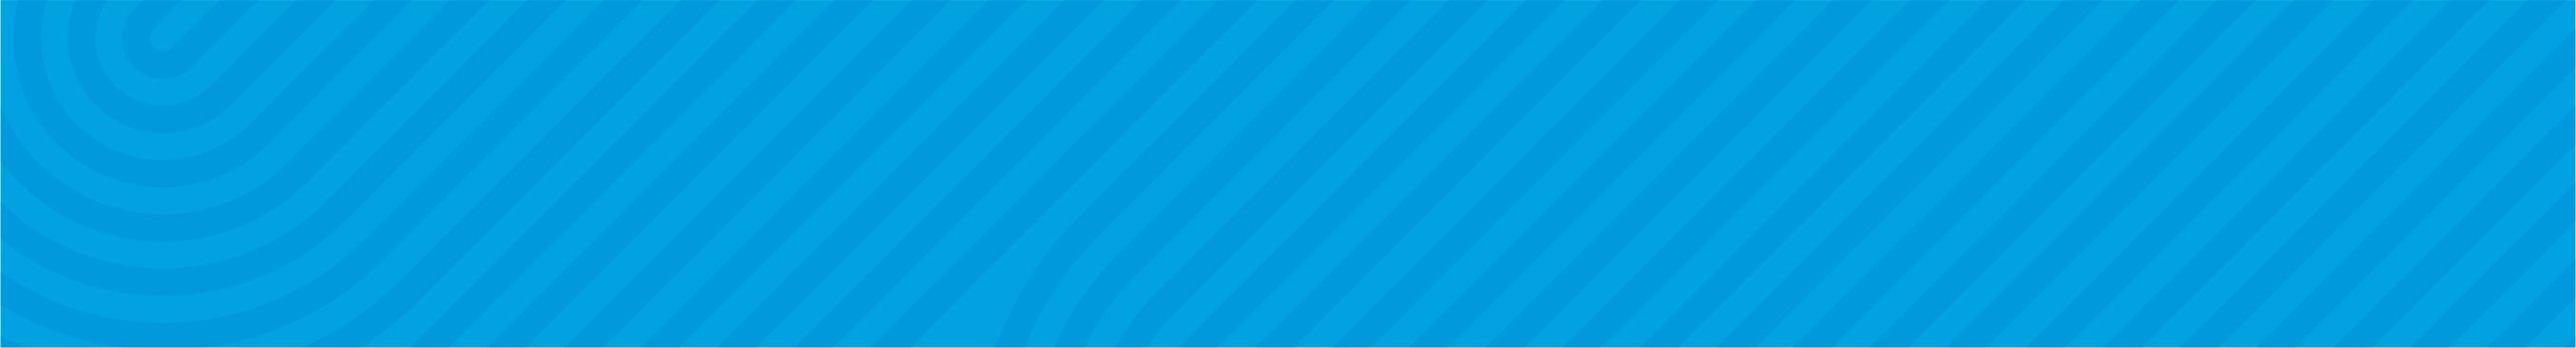 Blue Lined Header